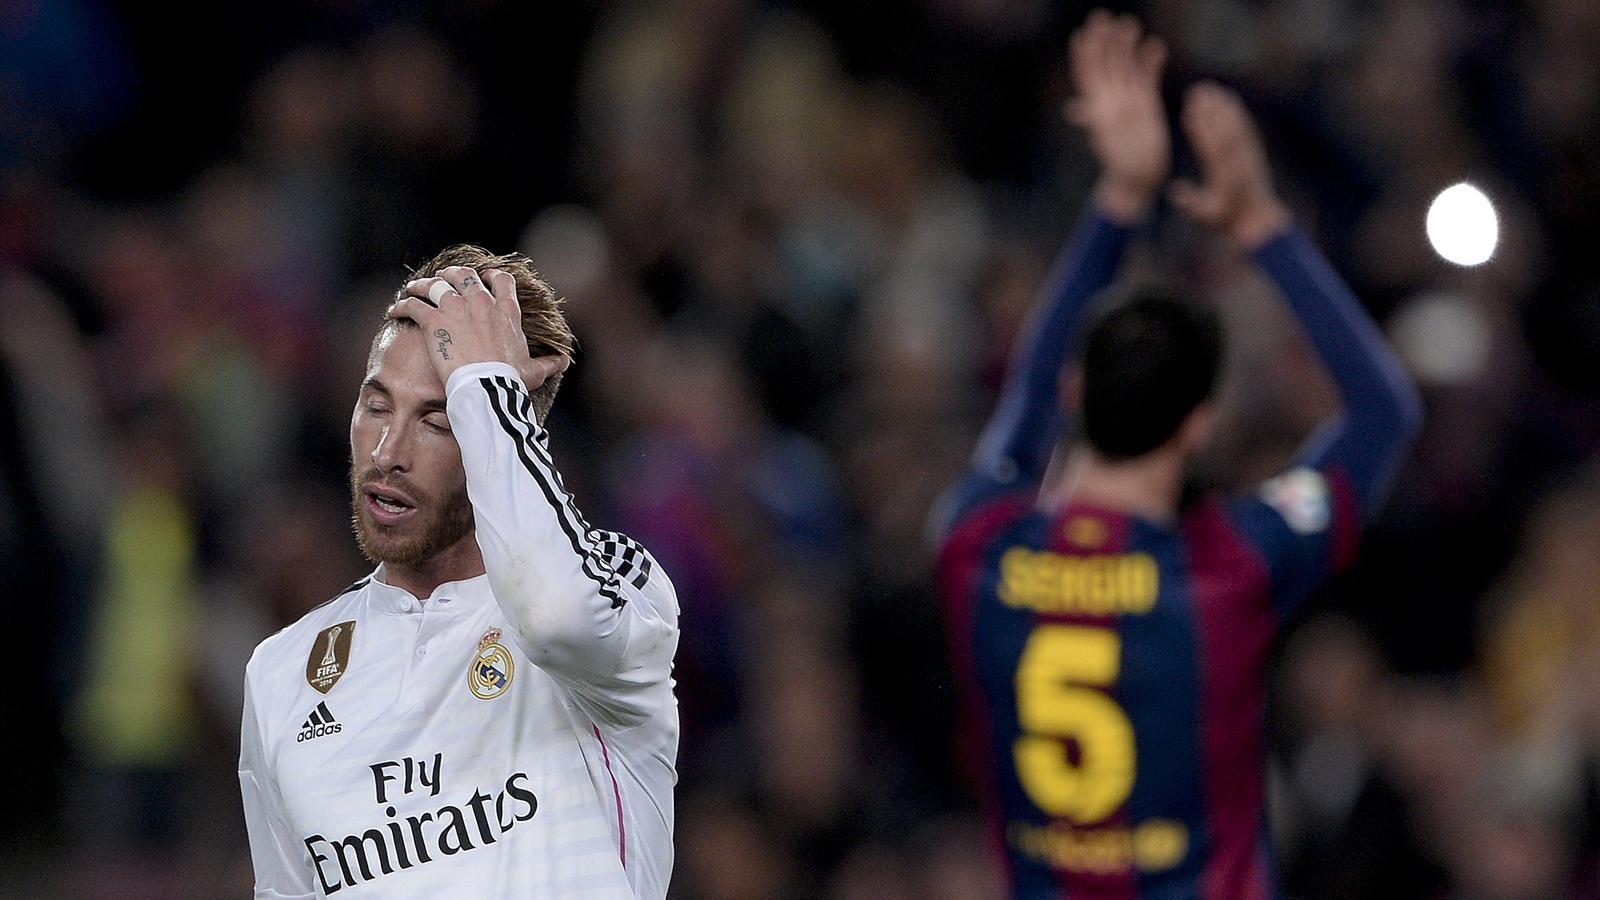 Spécial Messi et FCBarcelone (Part 2) - Page 10 1441672-30830350-1600-900